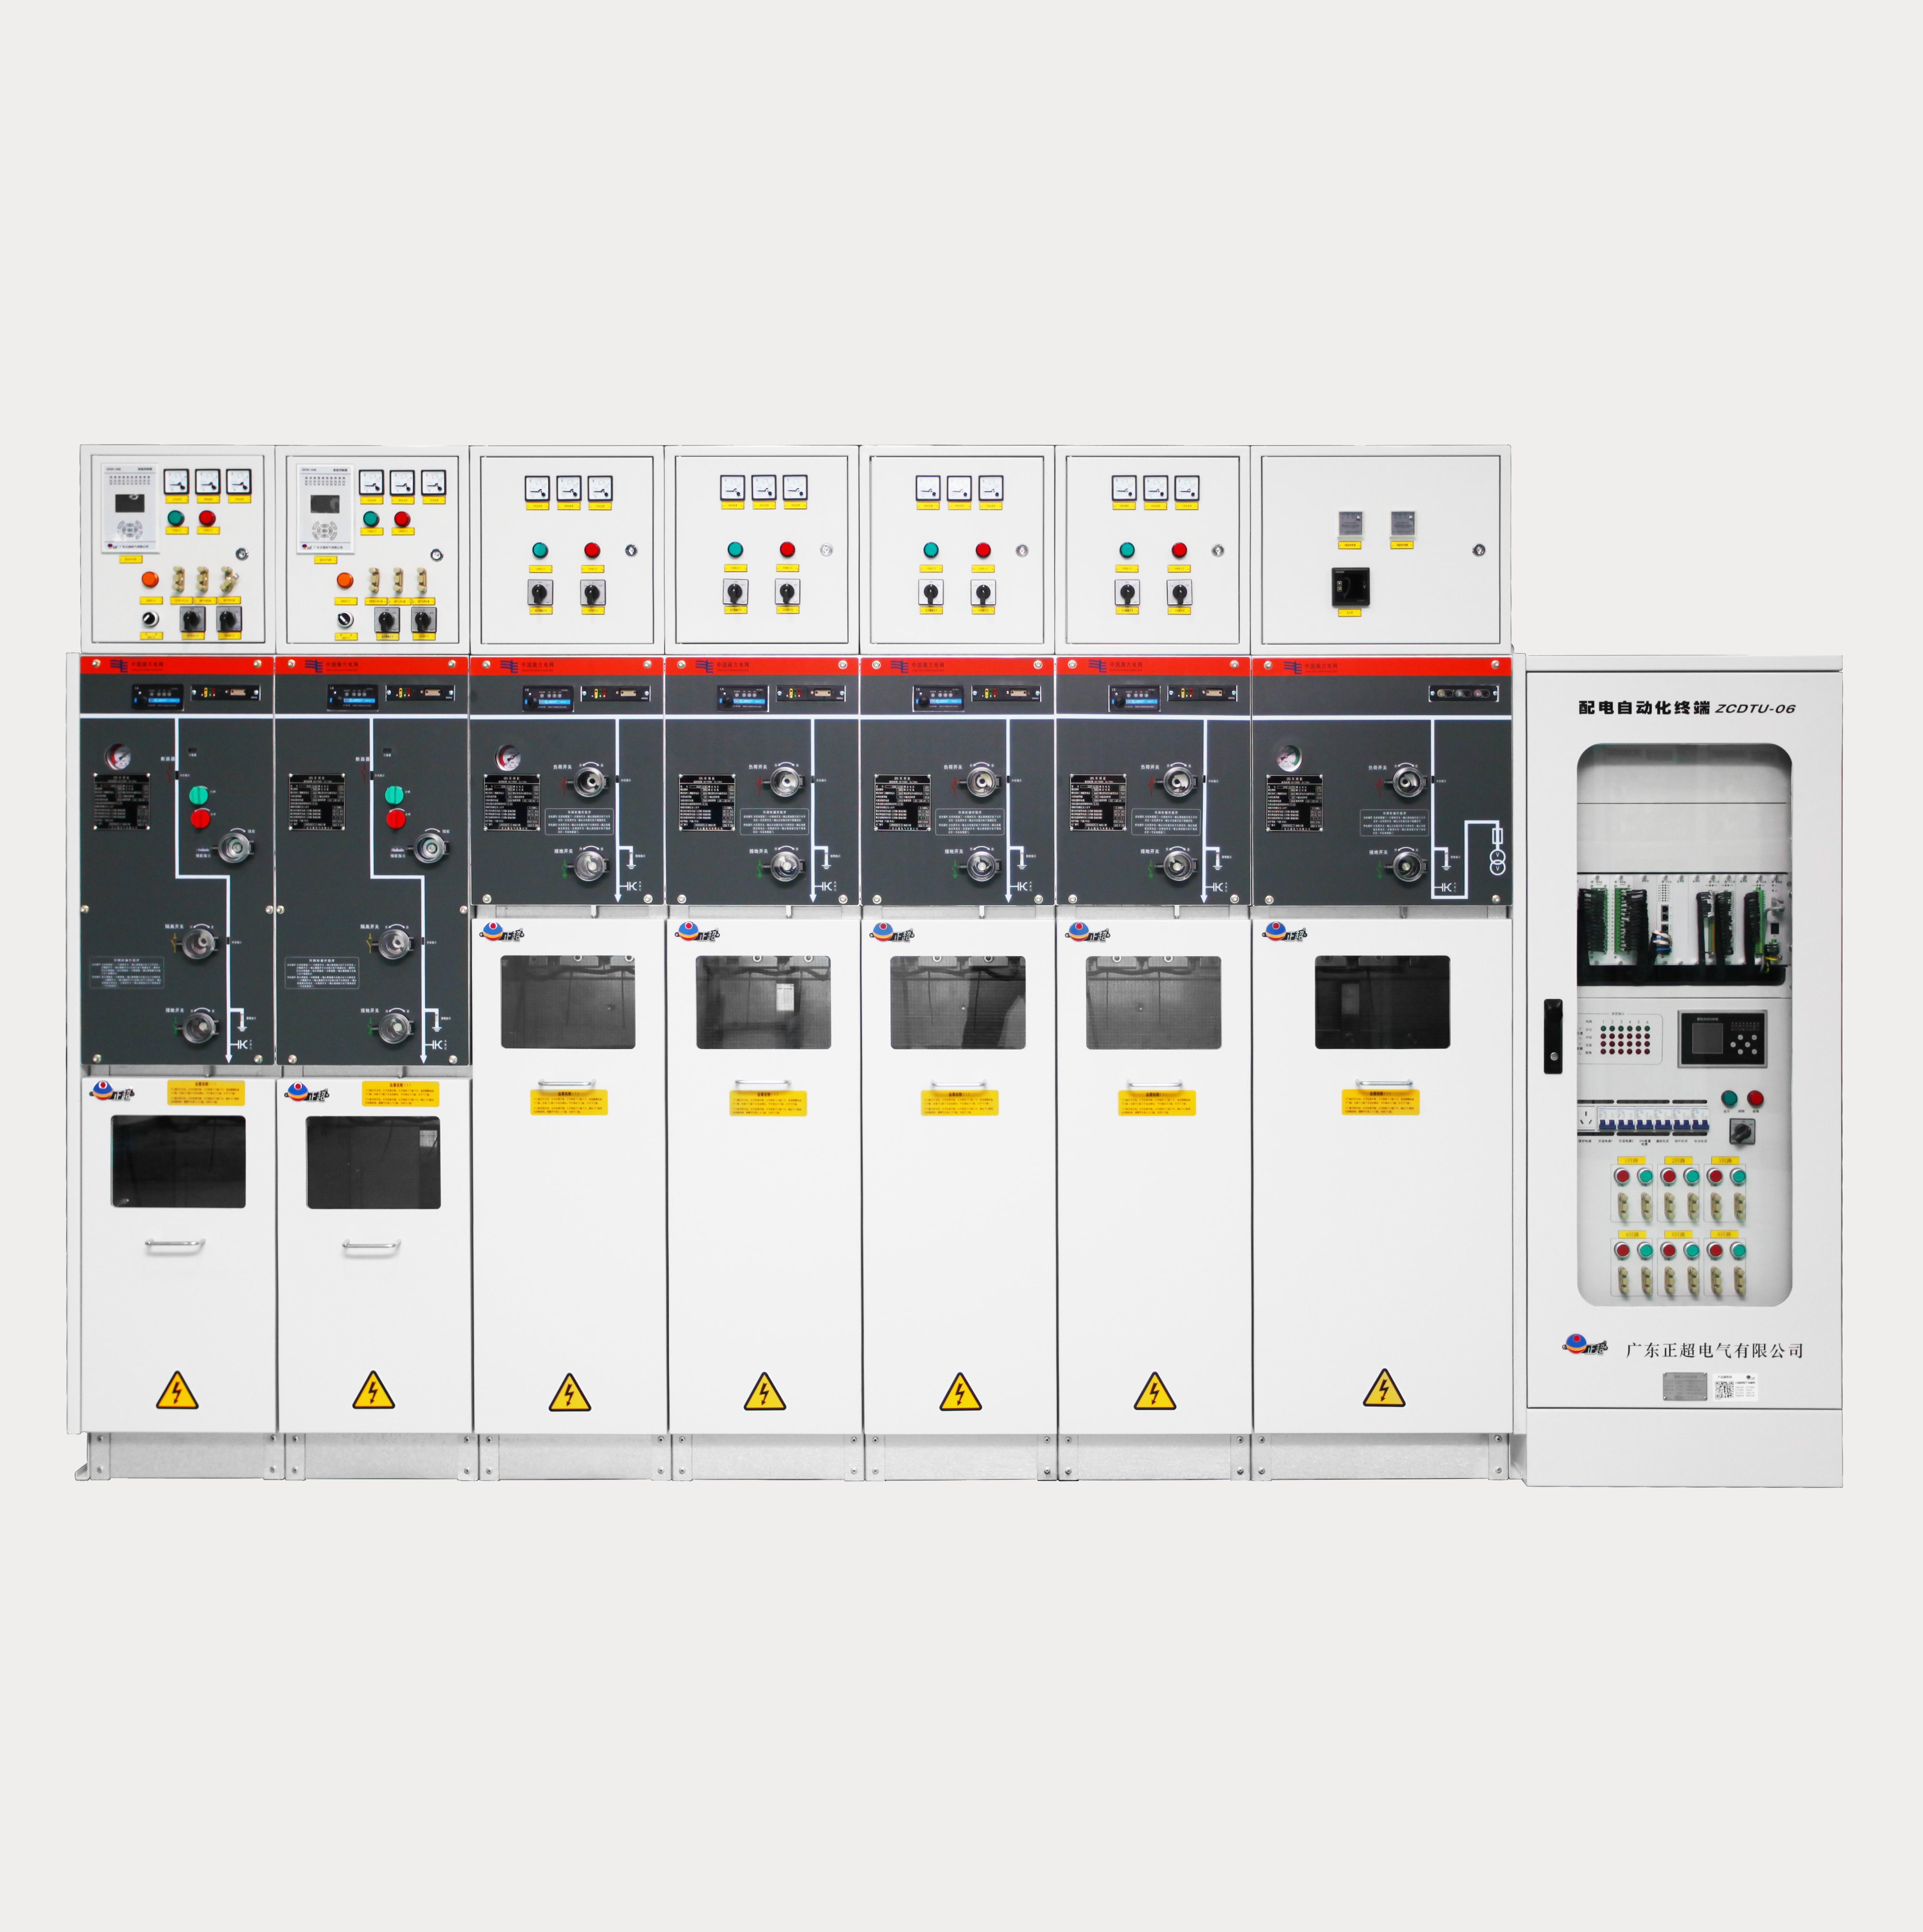 ZCSF-12 户内高压交流六氟化硫智能环网开关设备(10kV SF6环网柜)